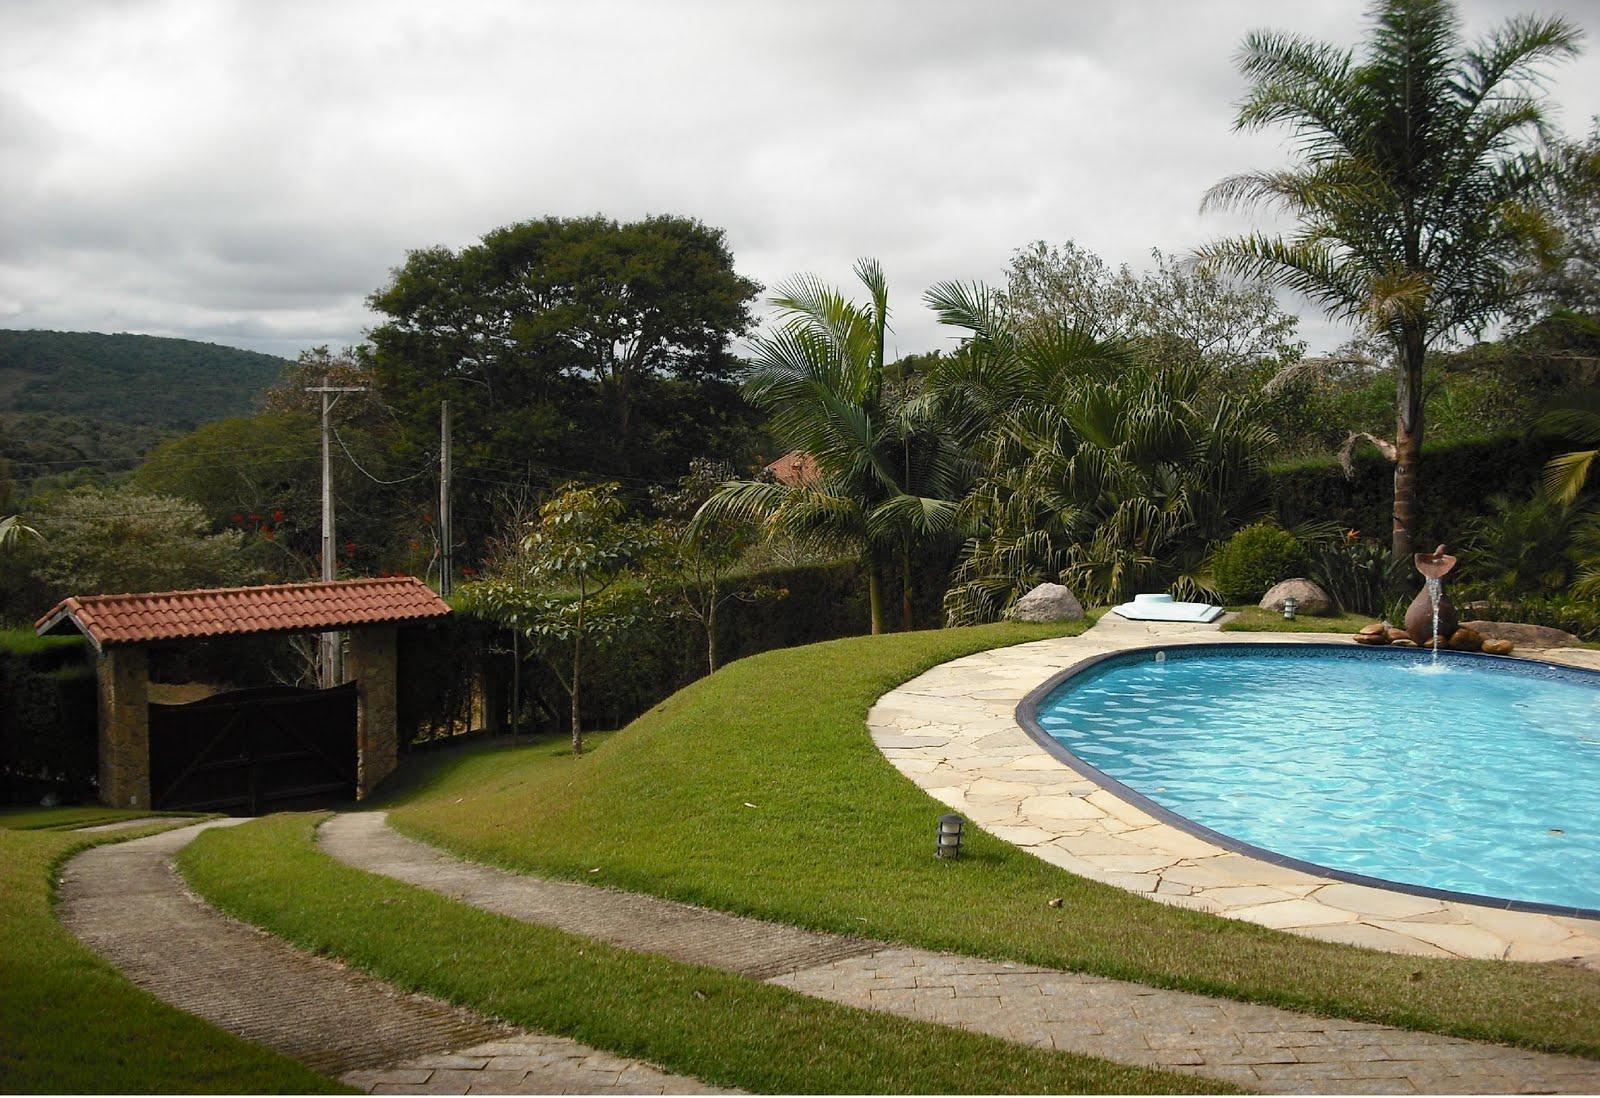 Casas de campo con piscina casas de campo con piscina for Casa de campo con piscina